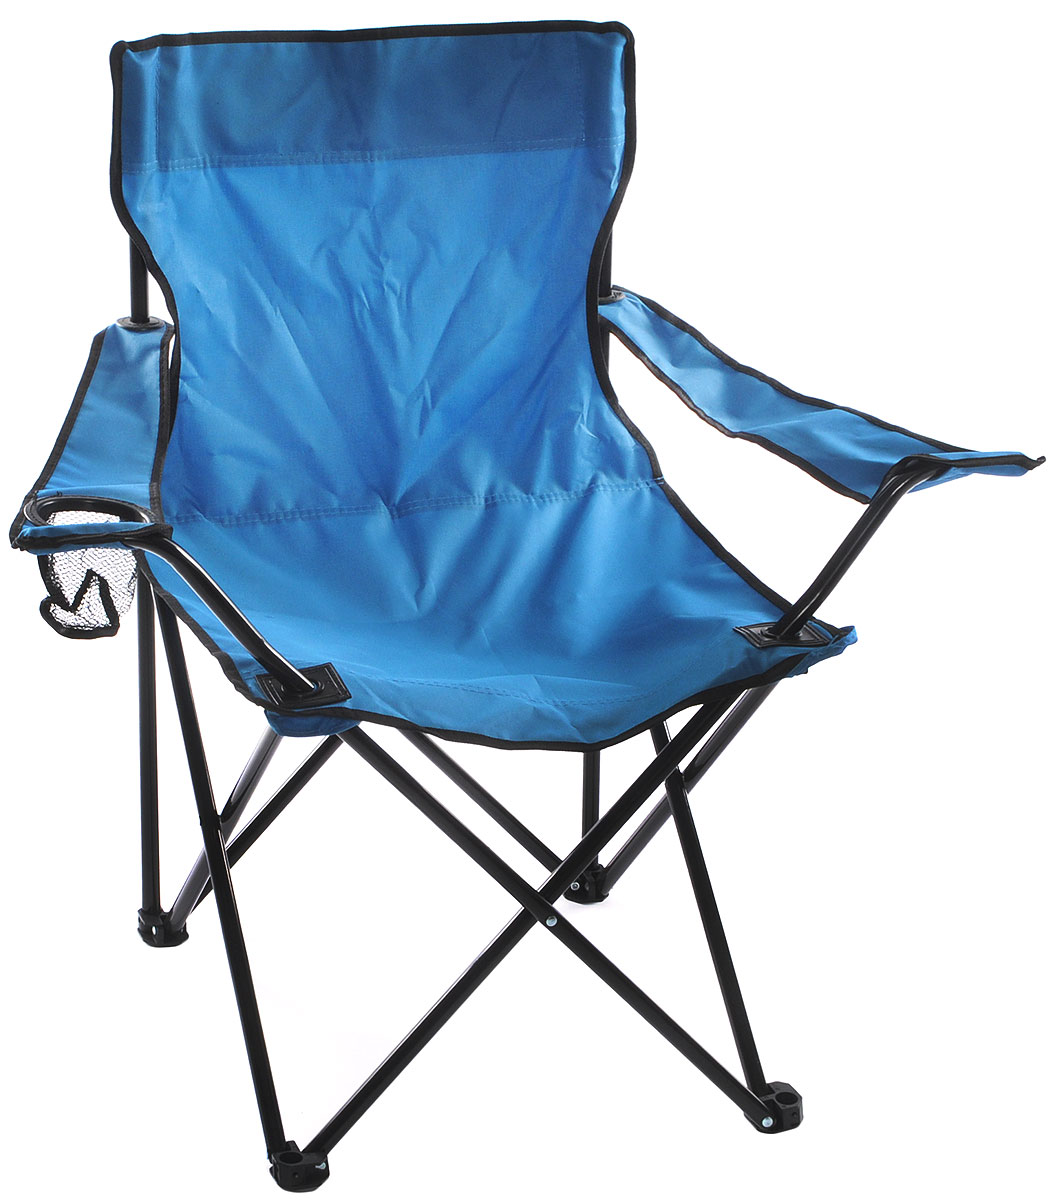 Кресло складное Wildman, с подлокотником, цвет: голубой, 77 х 50 х 80 см81-446_голубойНа складном кресле Wildman можно удобно расположиться в тени деревьев, отдохнуть в приятной прохладелетнего вечера.В использовании такое кресло достойно самых лучших похвал. Кресло выполнено из прочной ткани оксфорд, каркас стальной. Кресло оснащено удобными подлокотниками, в одном из них расположен подстаканник. В сложенном виде кресло удобно для хранения и переноски.В комплекте чехол для переноски и хранения.